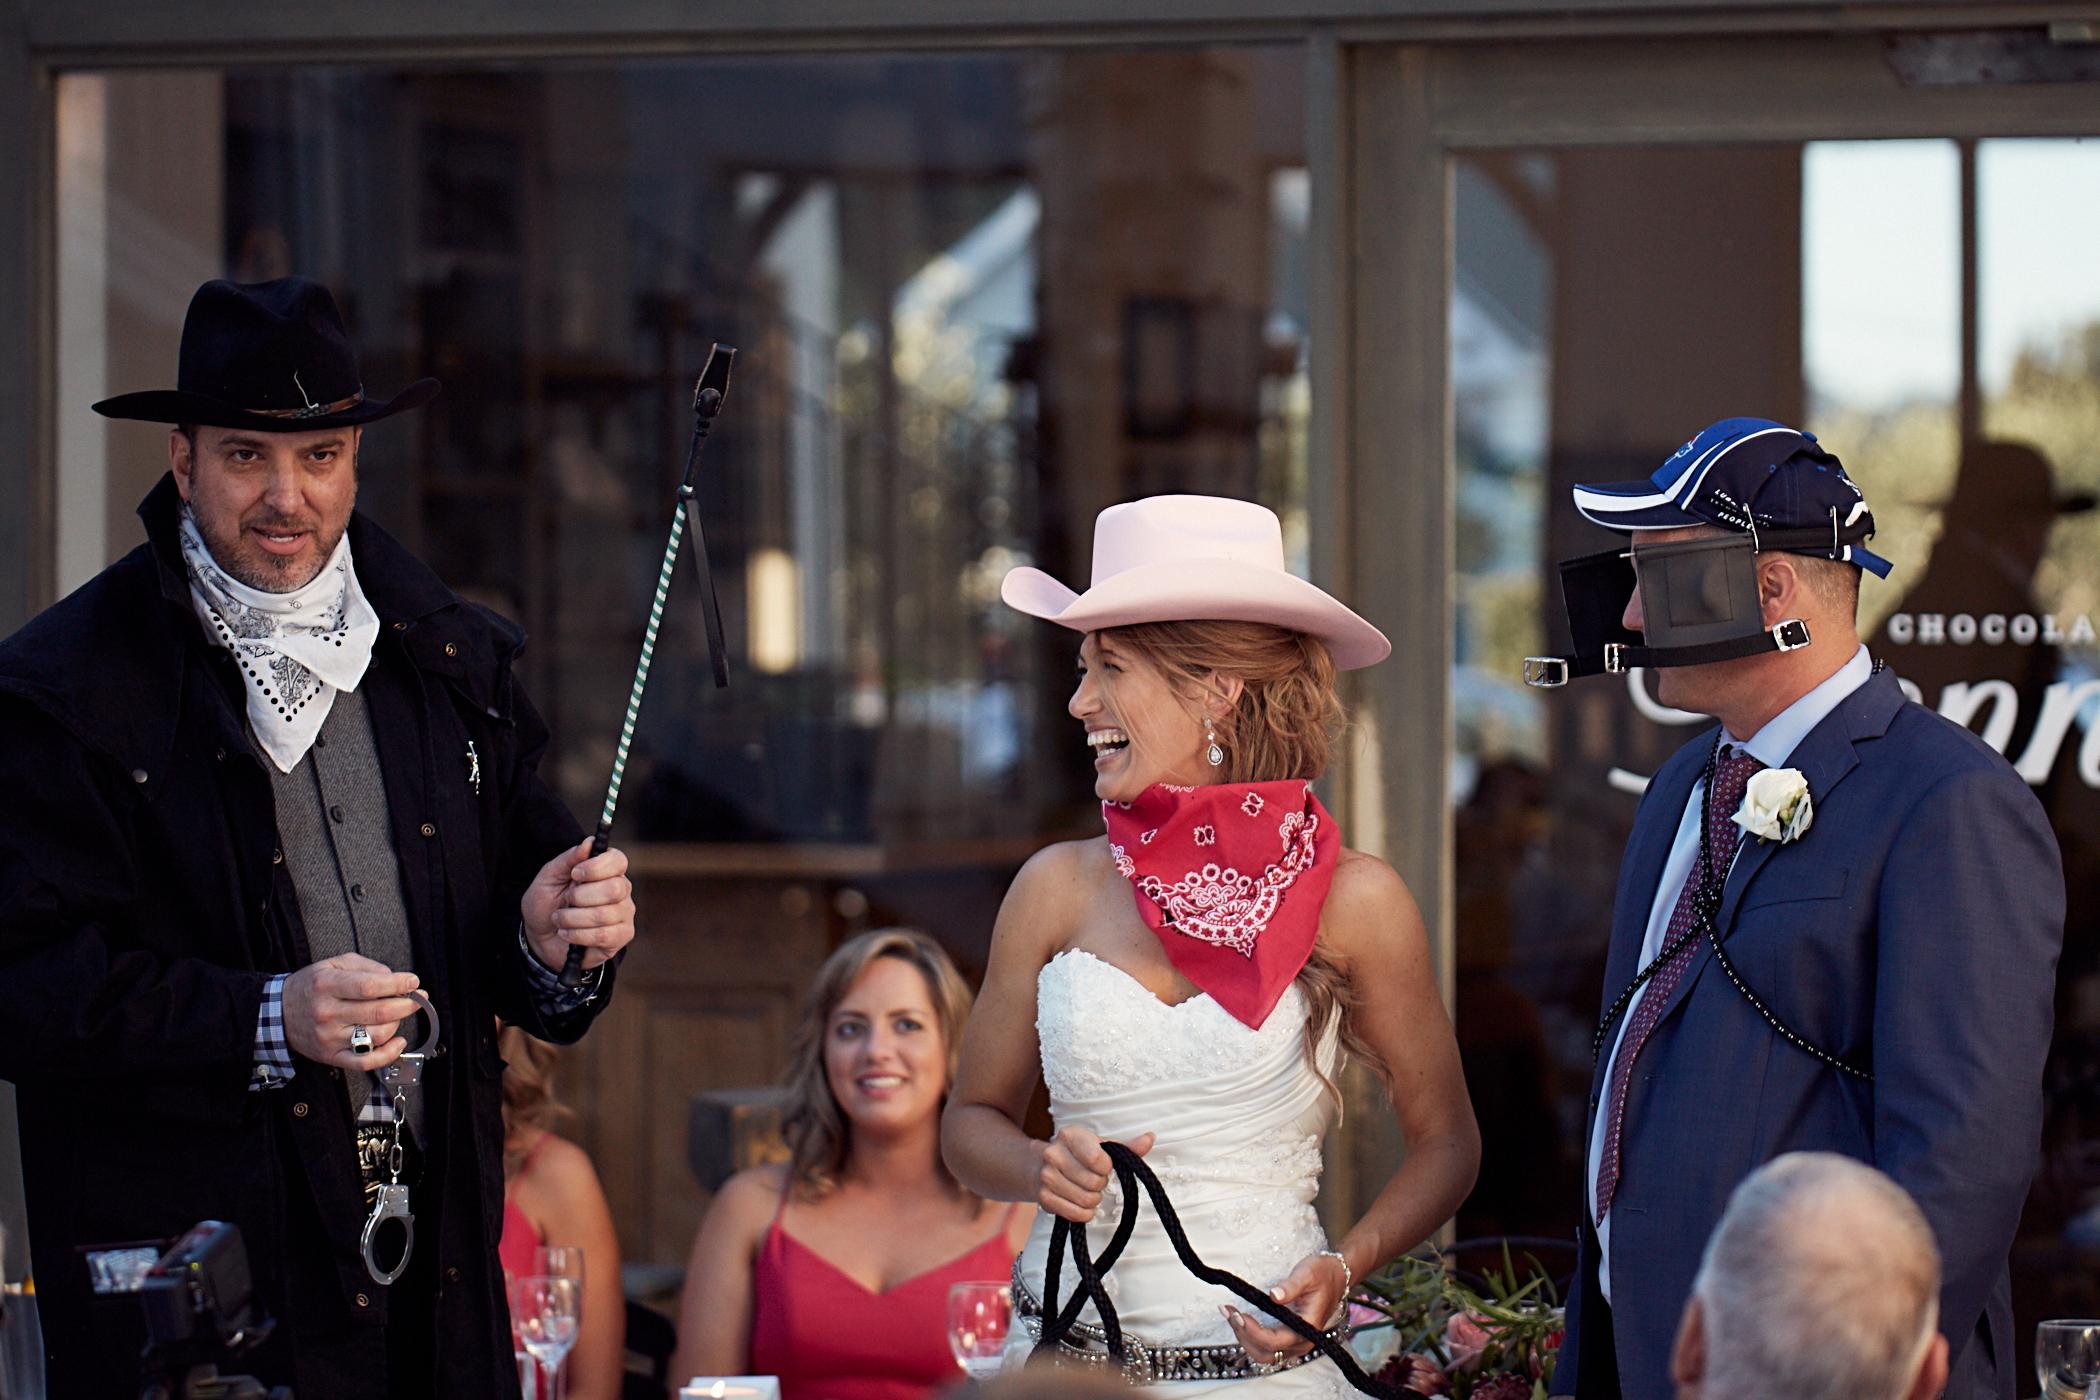 Fun wedding moment